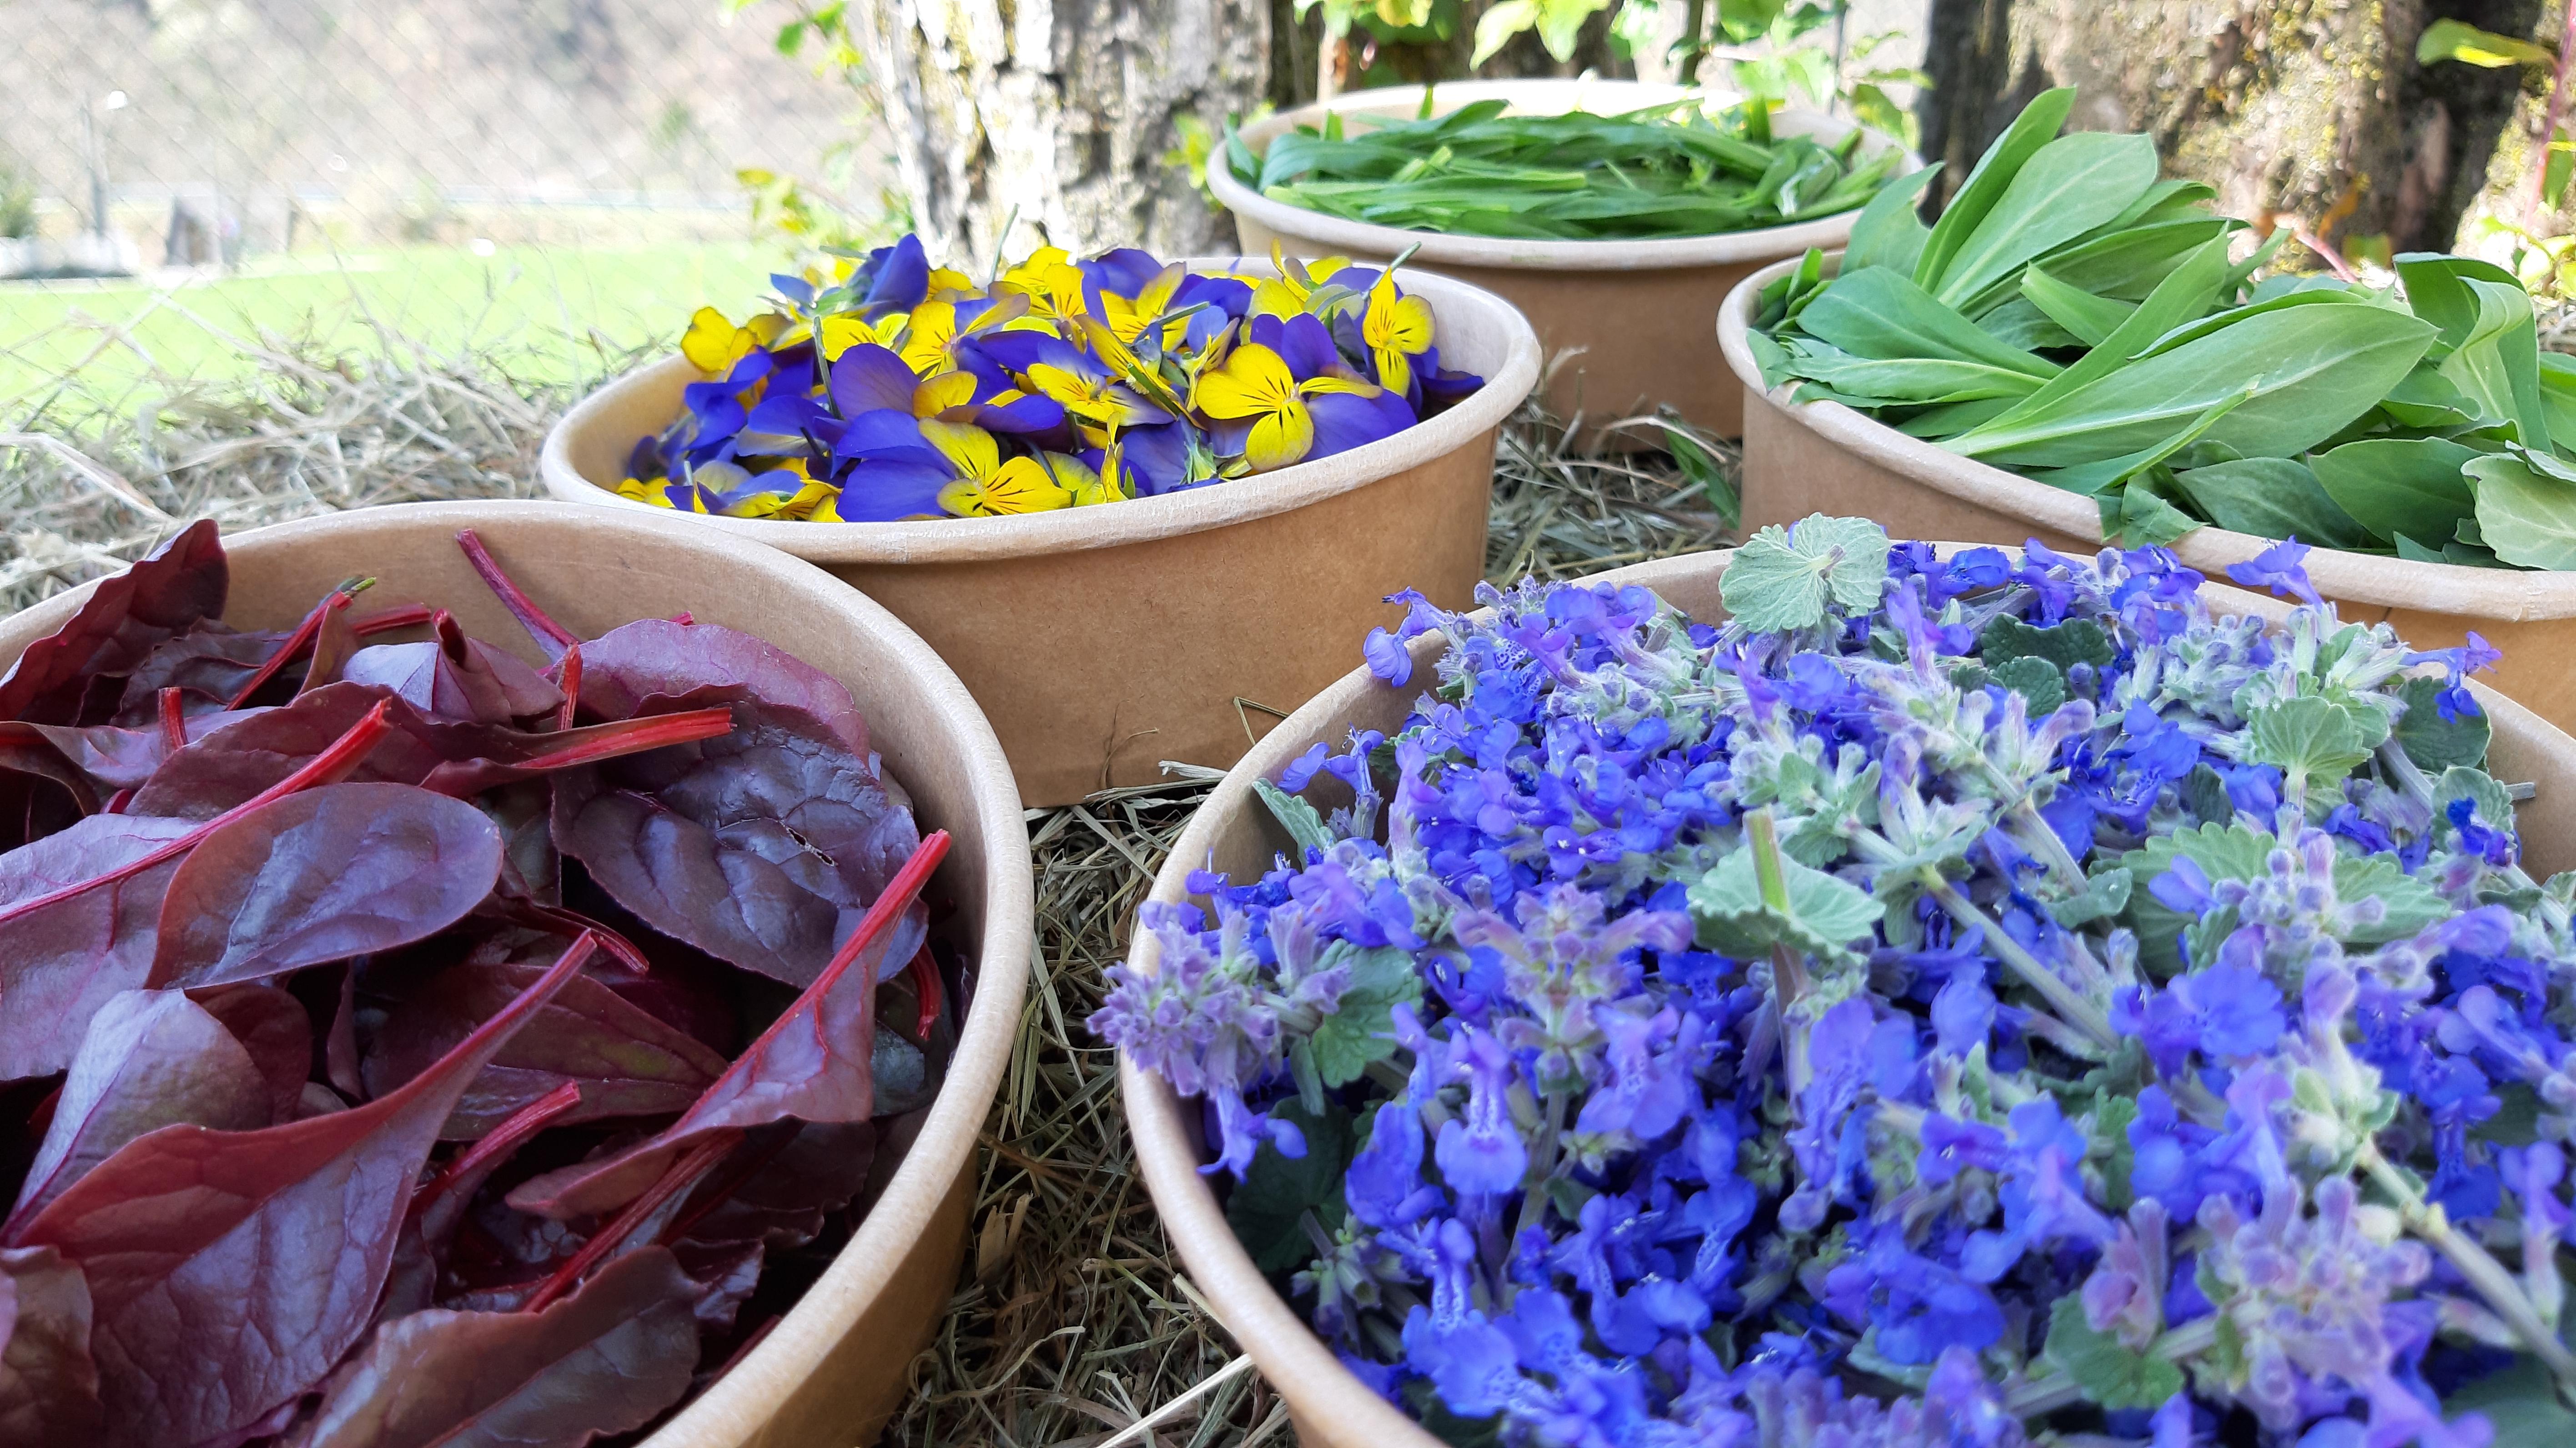 Fiori E Piante Commestibili res naturae un mondo di piante e fiori tutto da mangiare